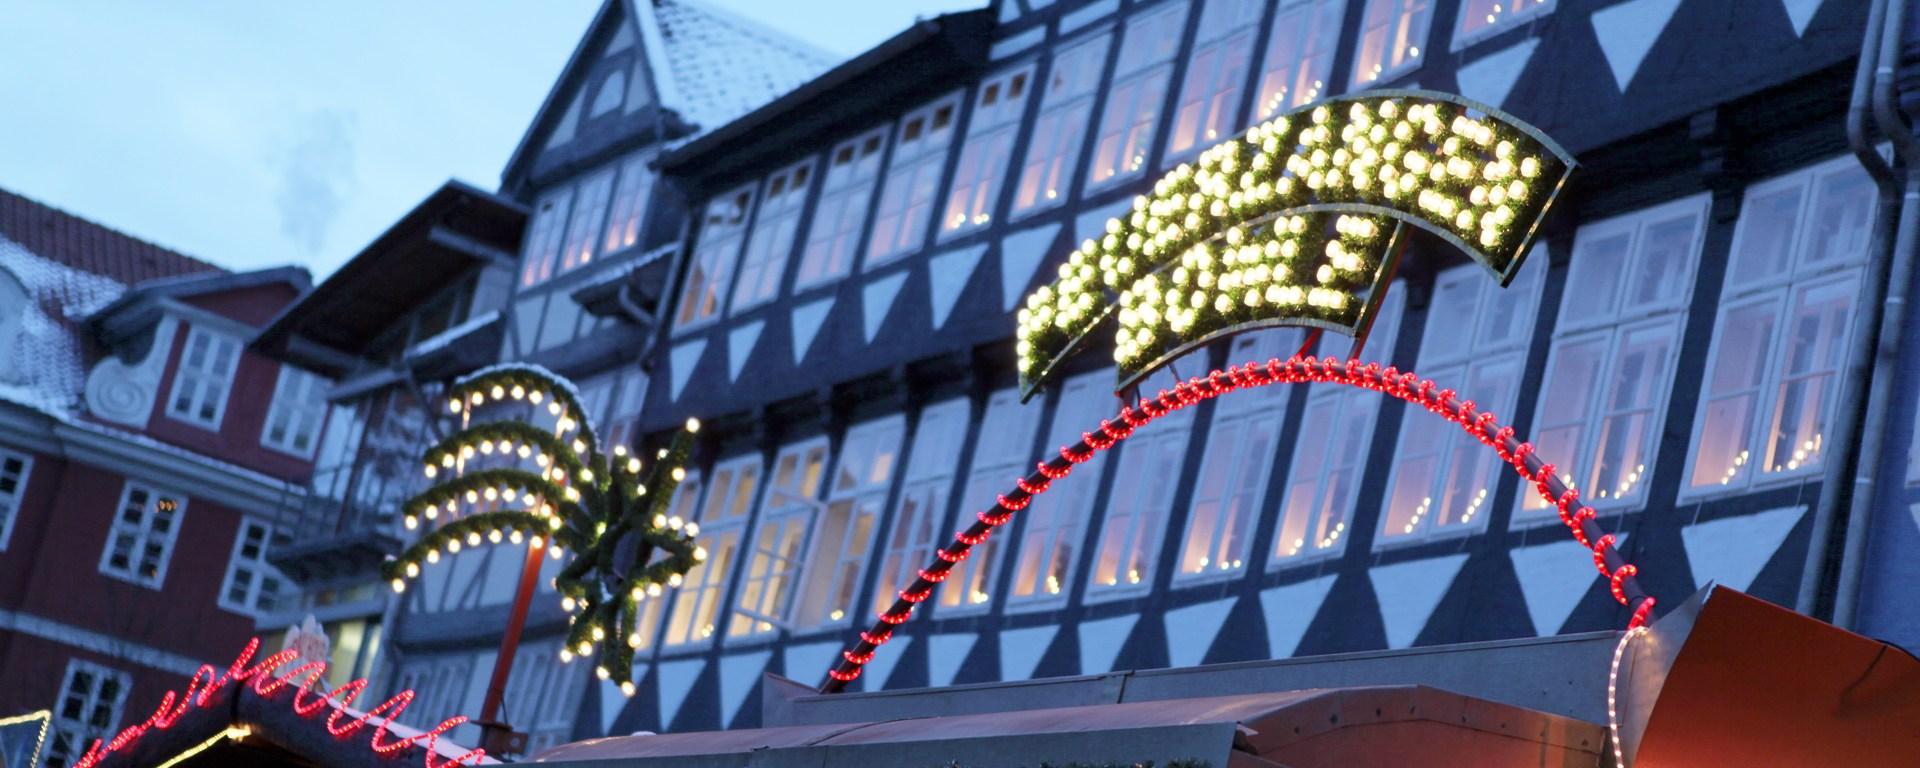 Feuerzangenbowle auf dem Weihnachtsmarkt